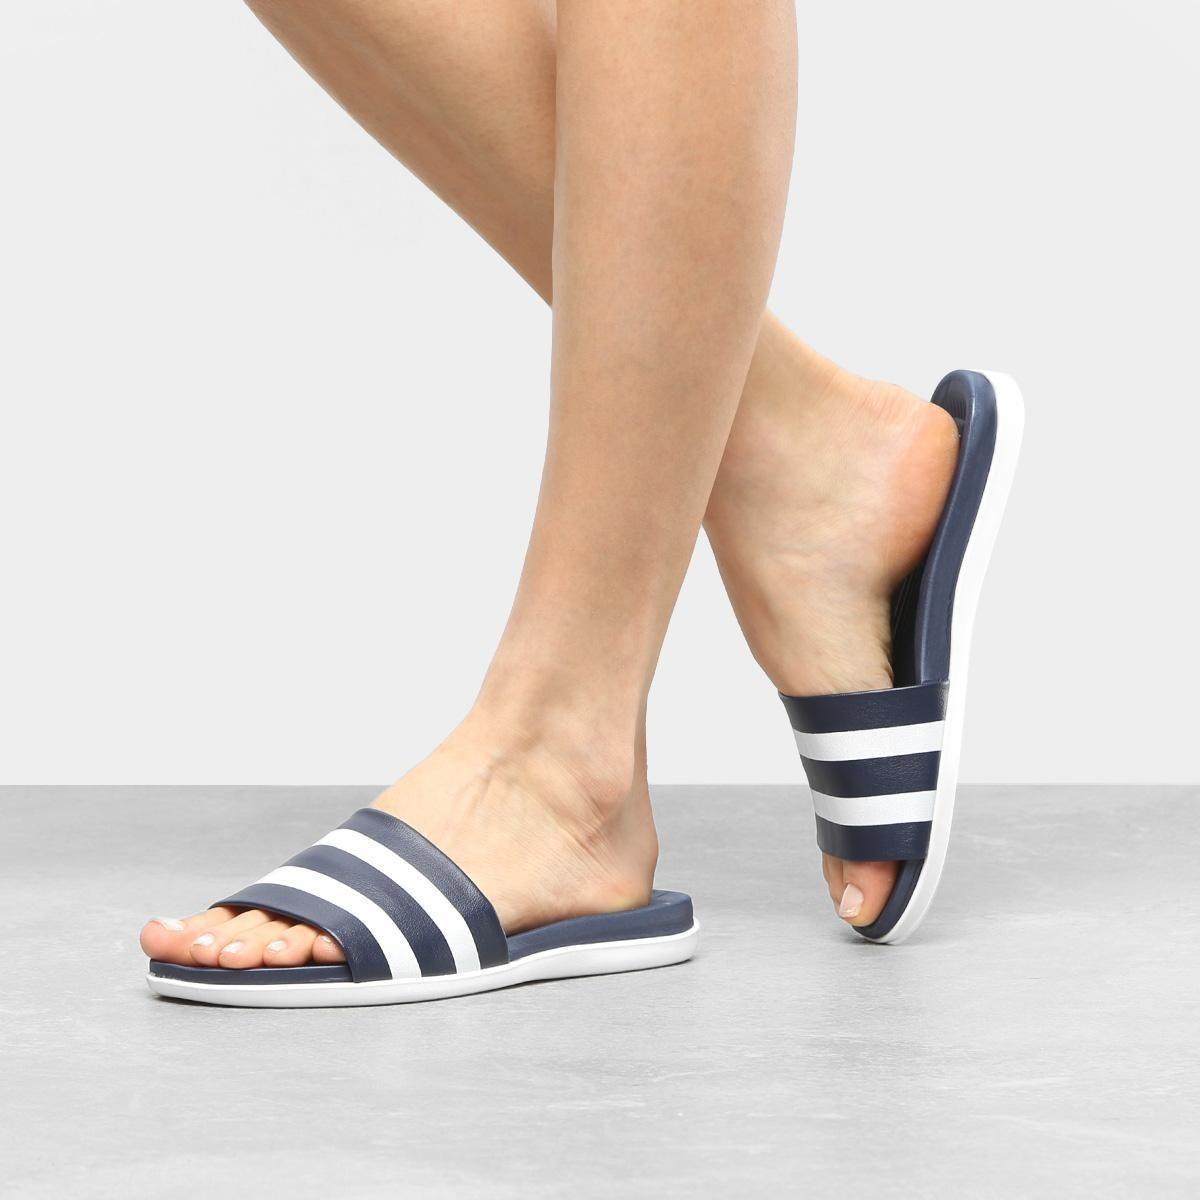 c007a9a456 sandália feminina slide napa turim beira rio 8360102. 4 Fotos